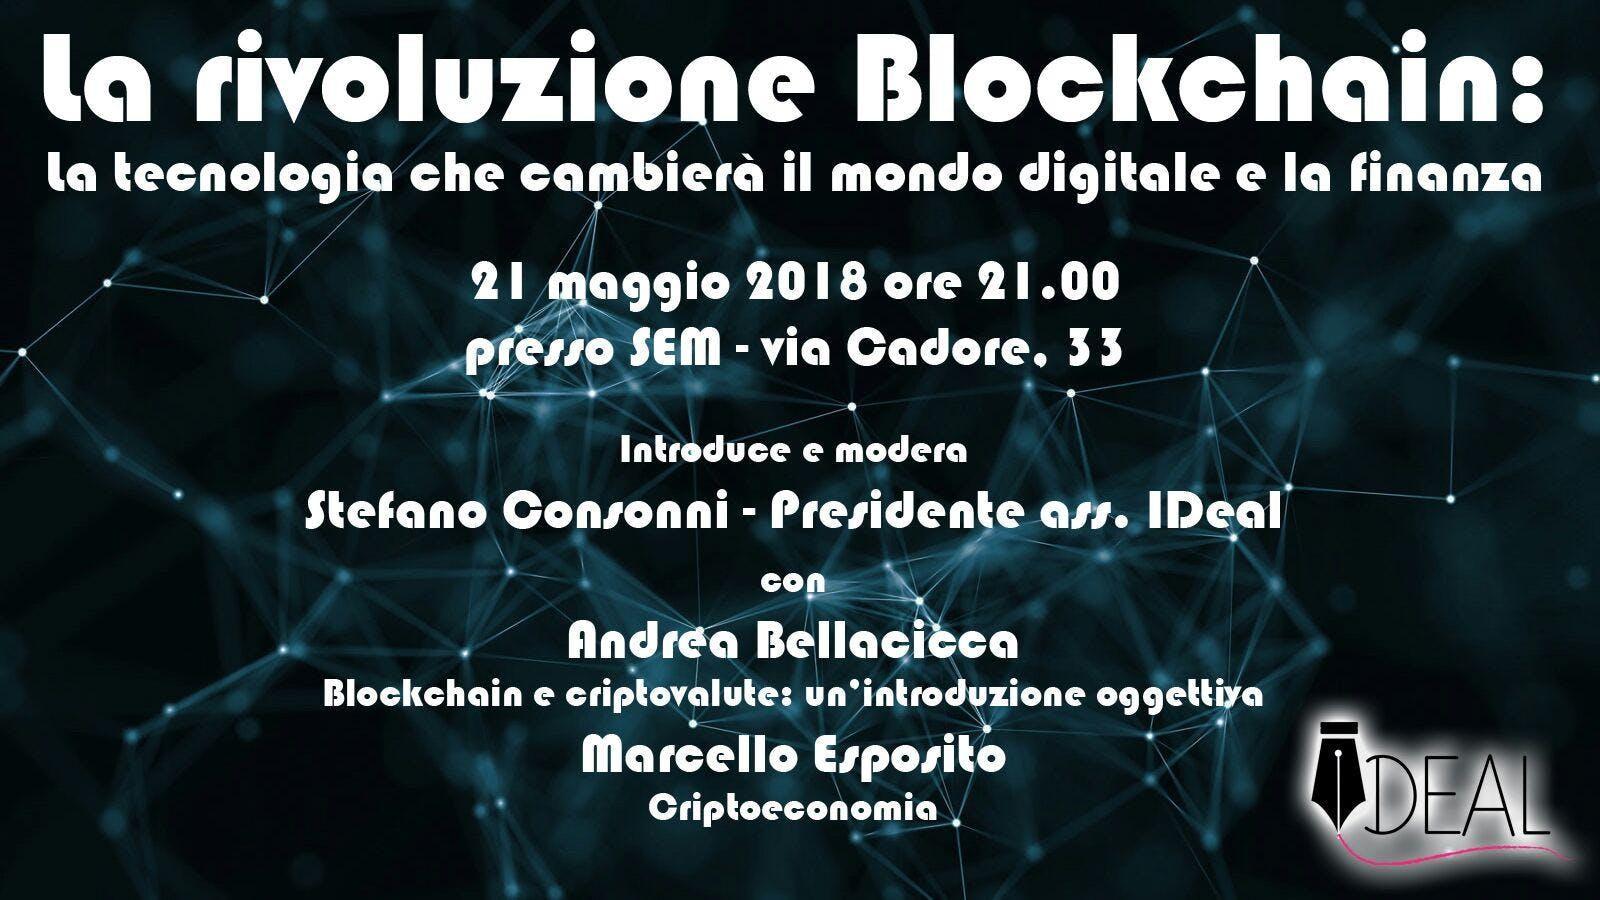 La rivoluzione Blockchain